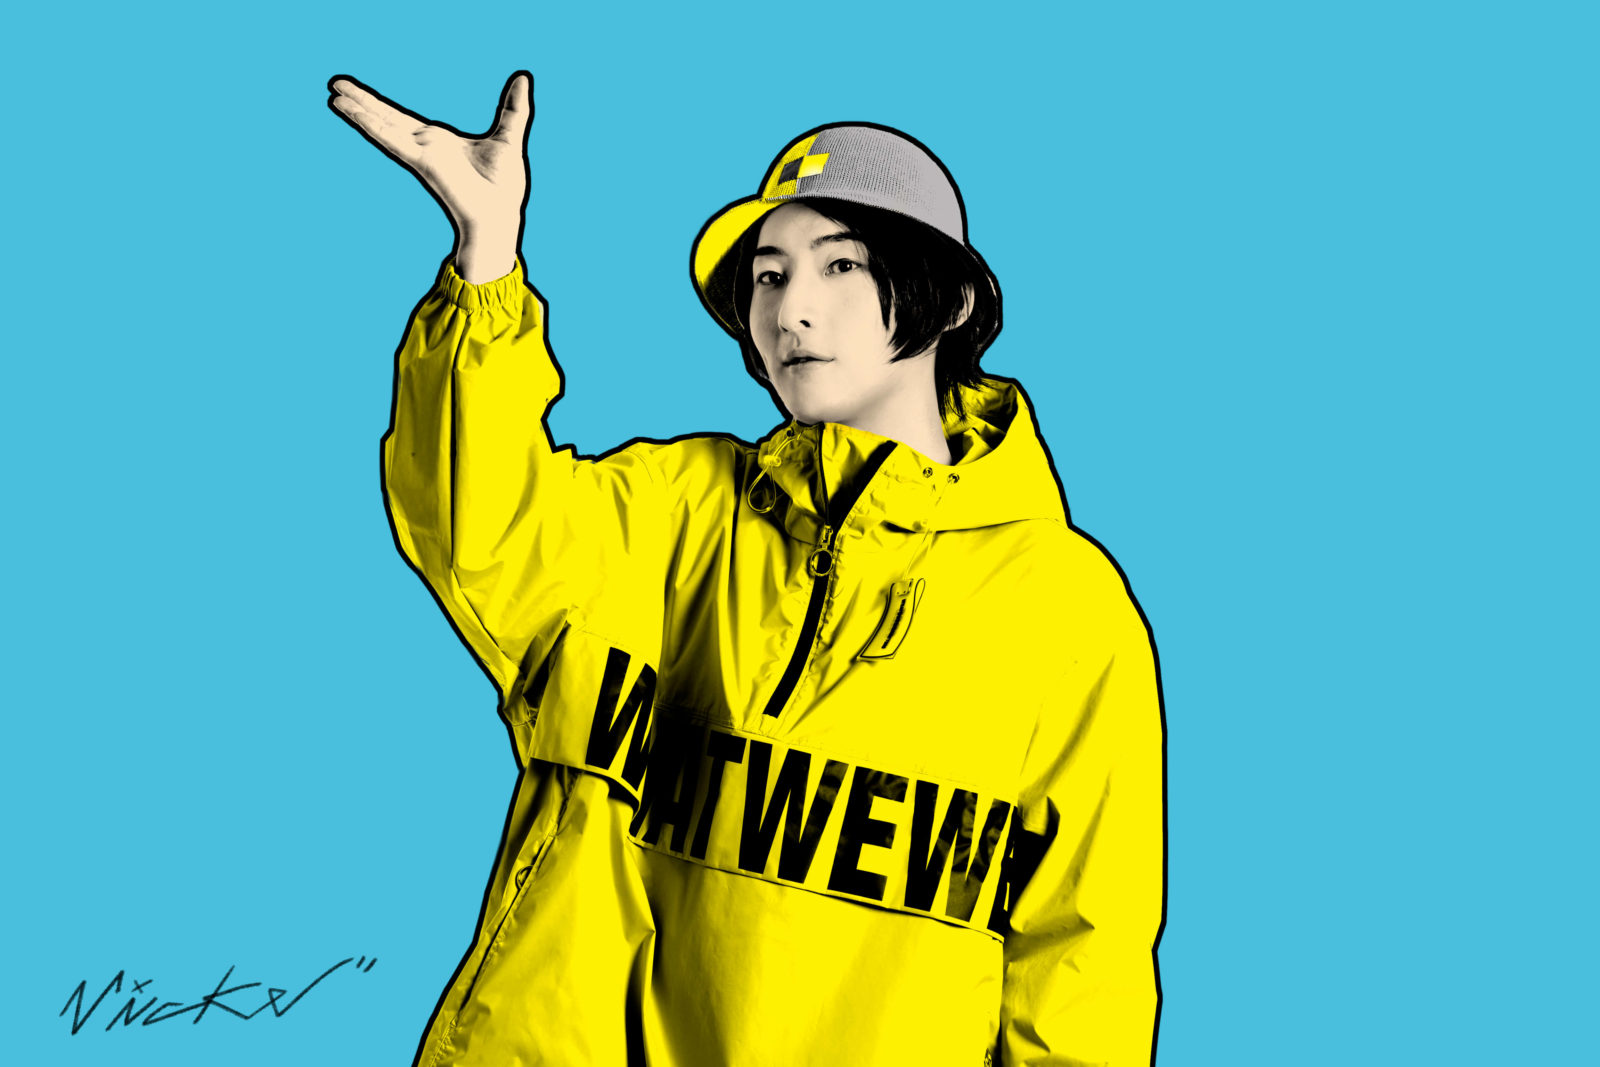 ビッケブランカ、J-WAVEにてニューシングルタイトル曲を初フルサイズオンエアサムネイル画像